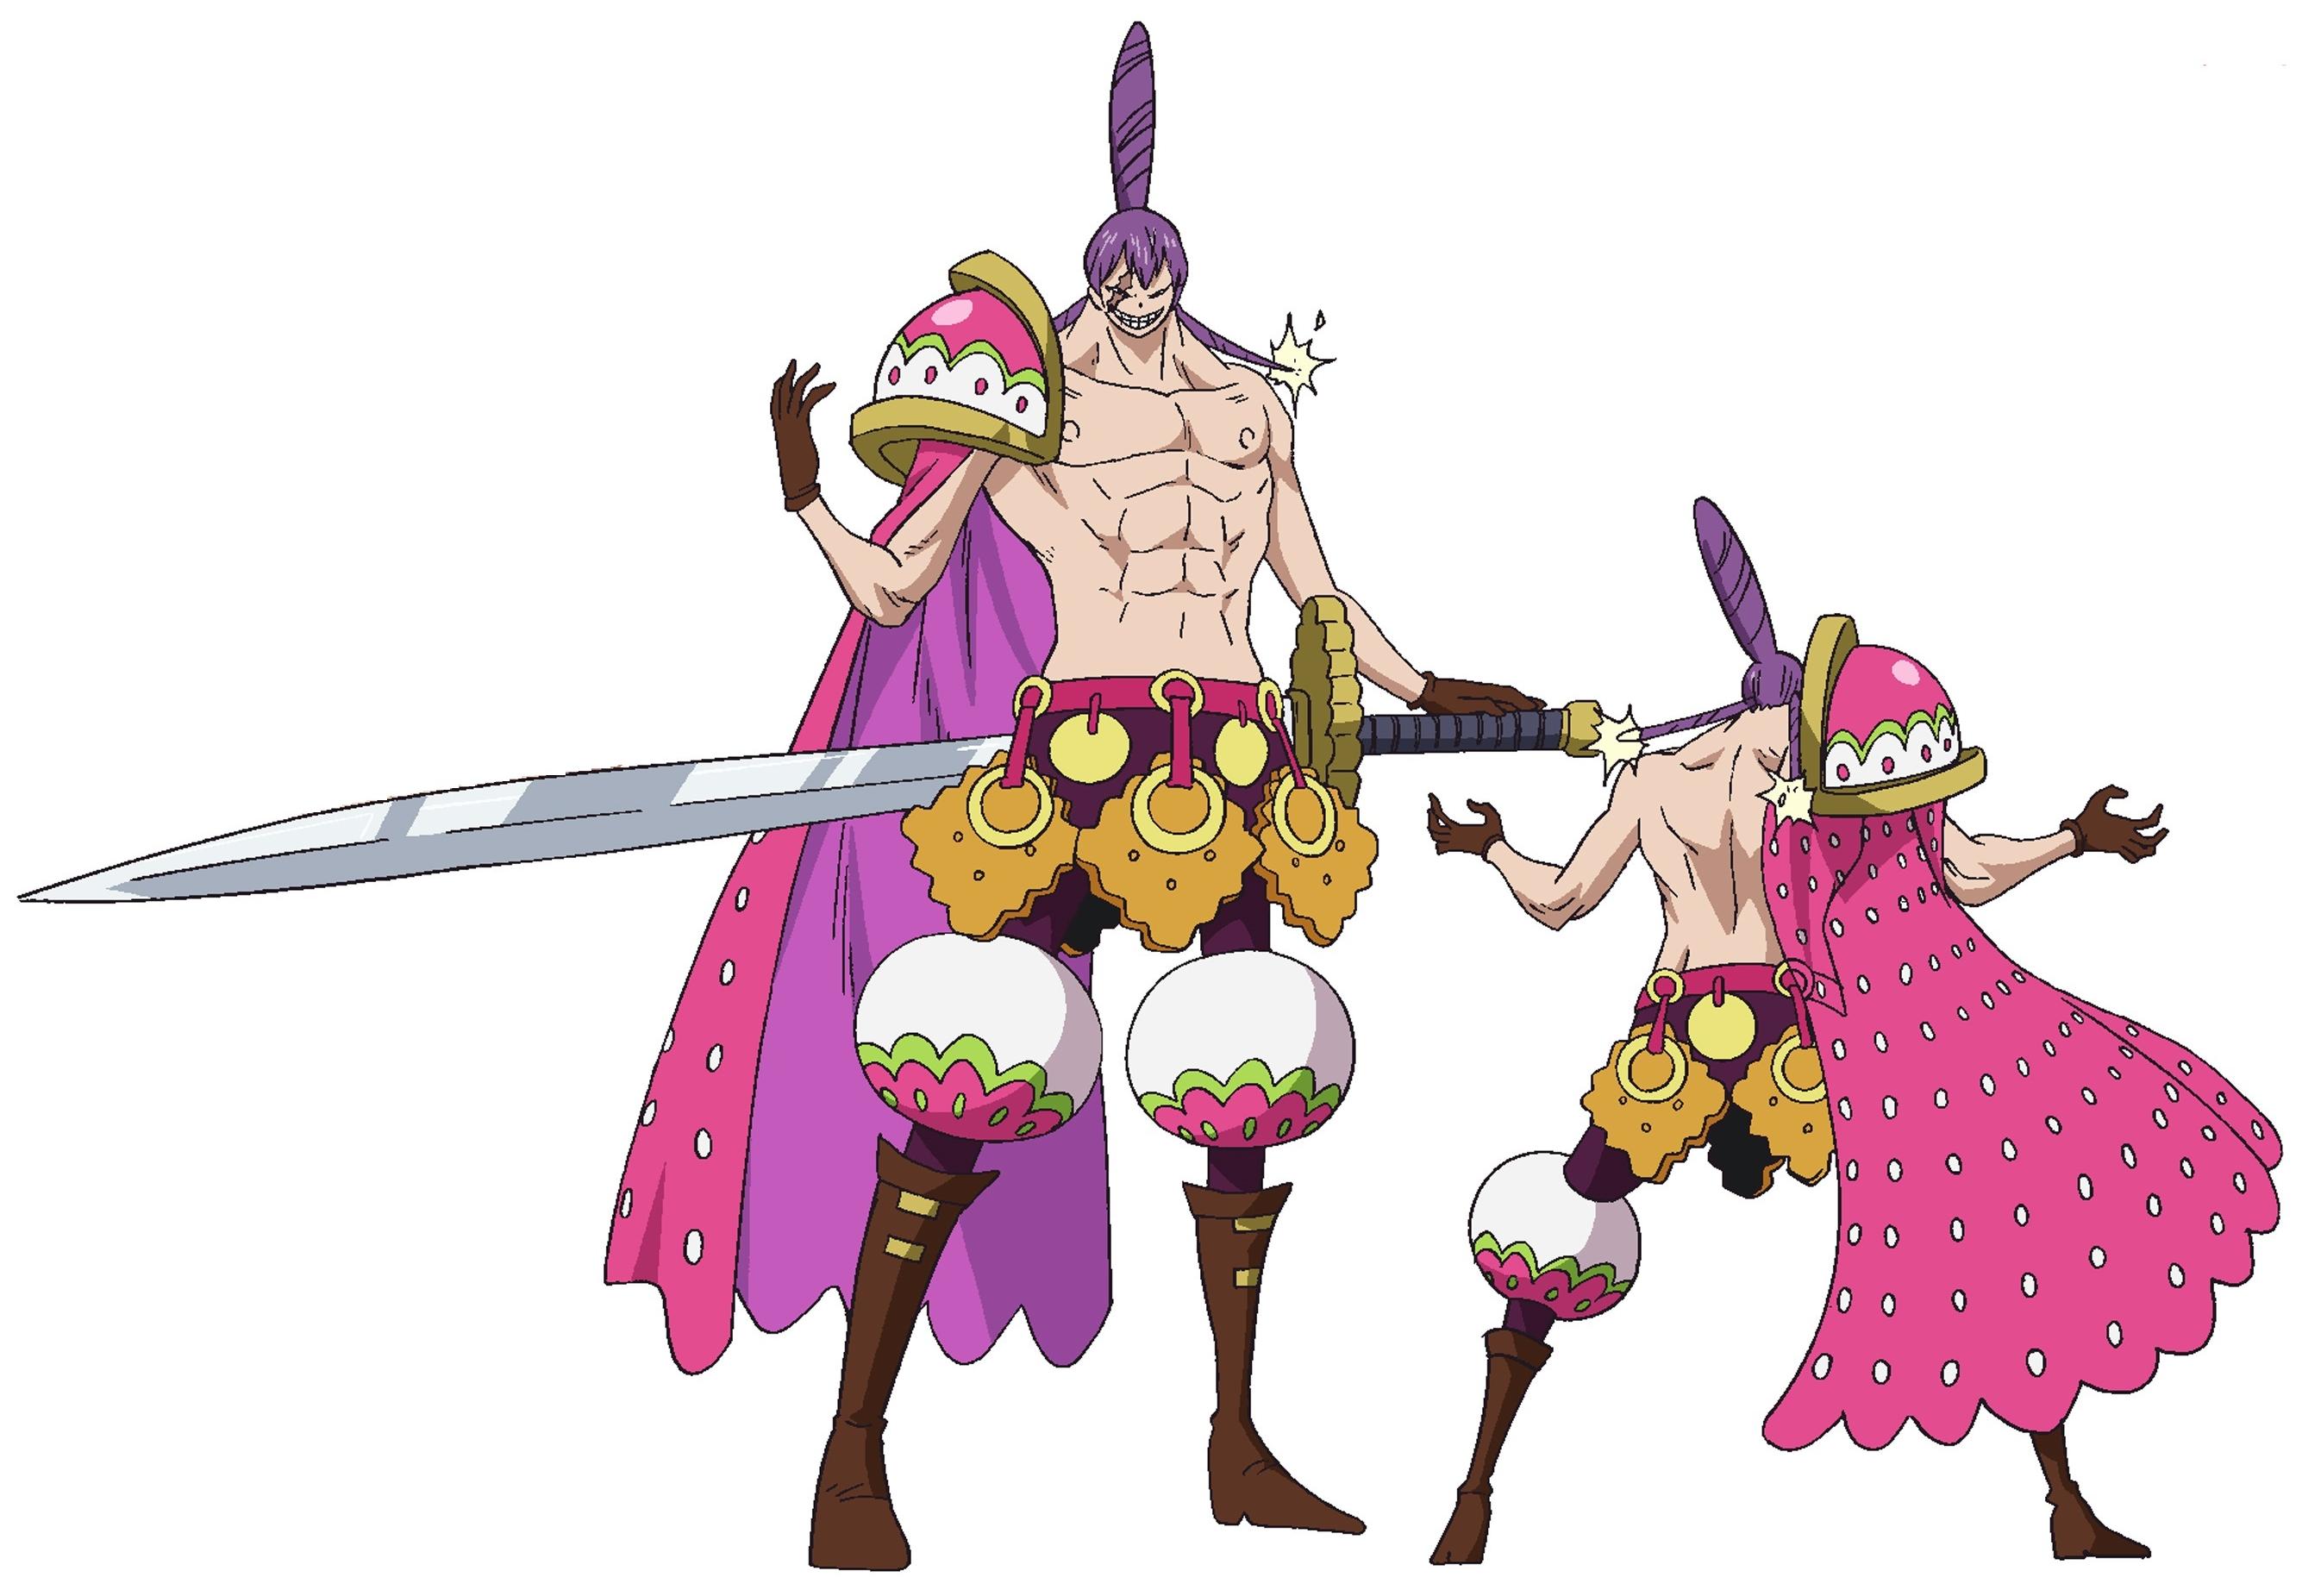 Charlotte Cracker One Piece Wiki Fandom Powered By Wikia